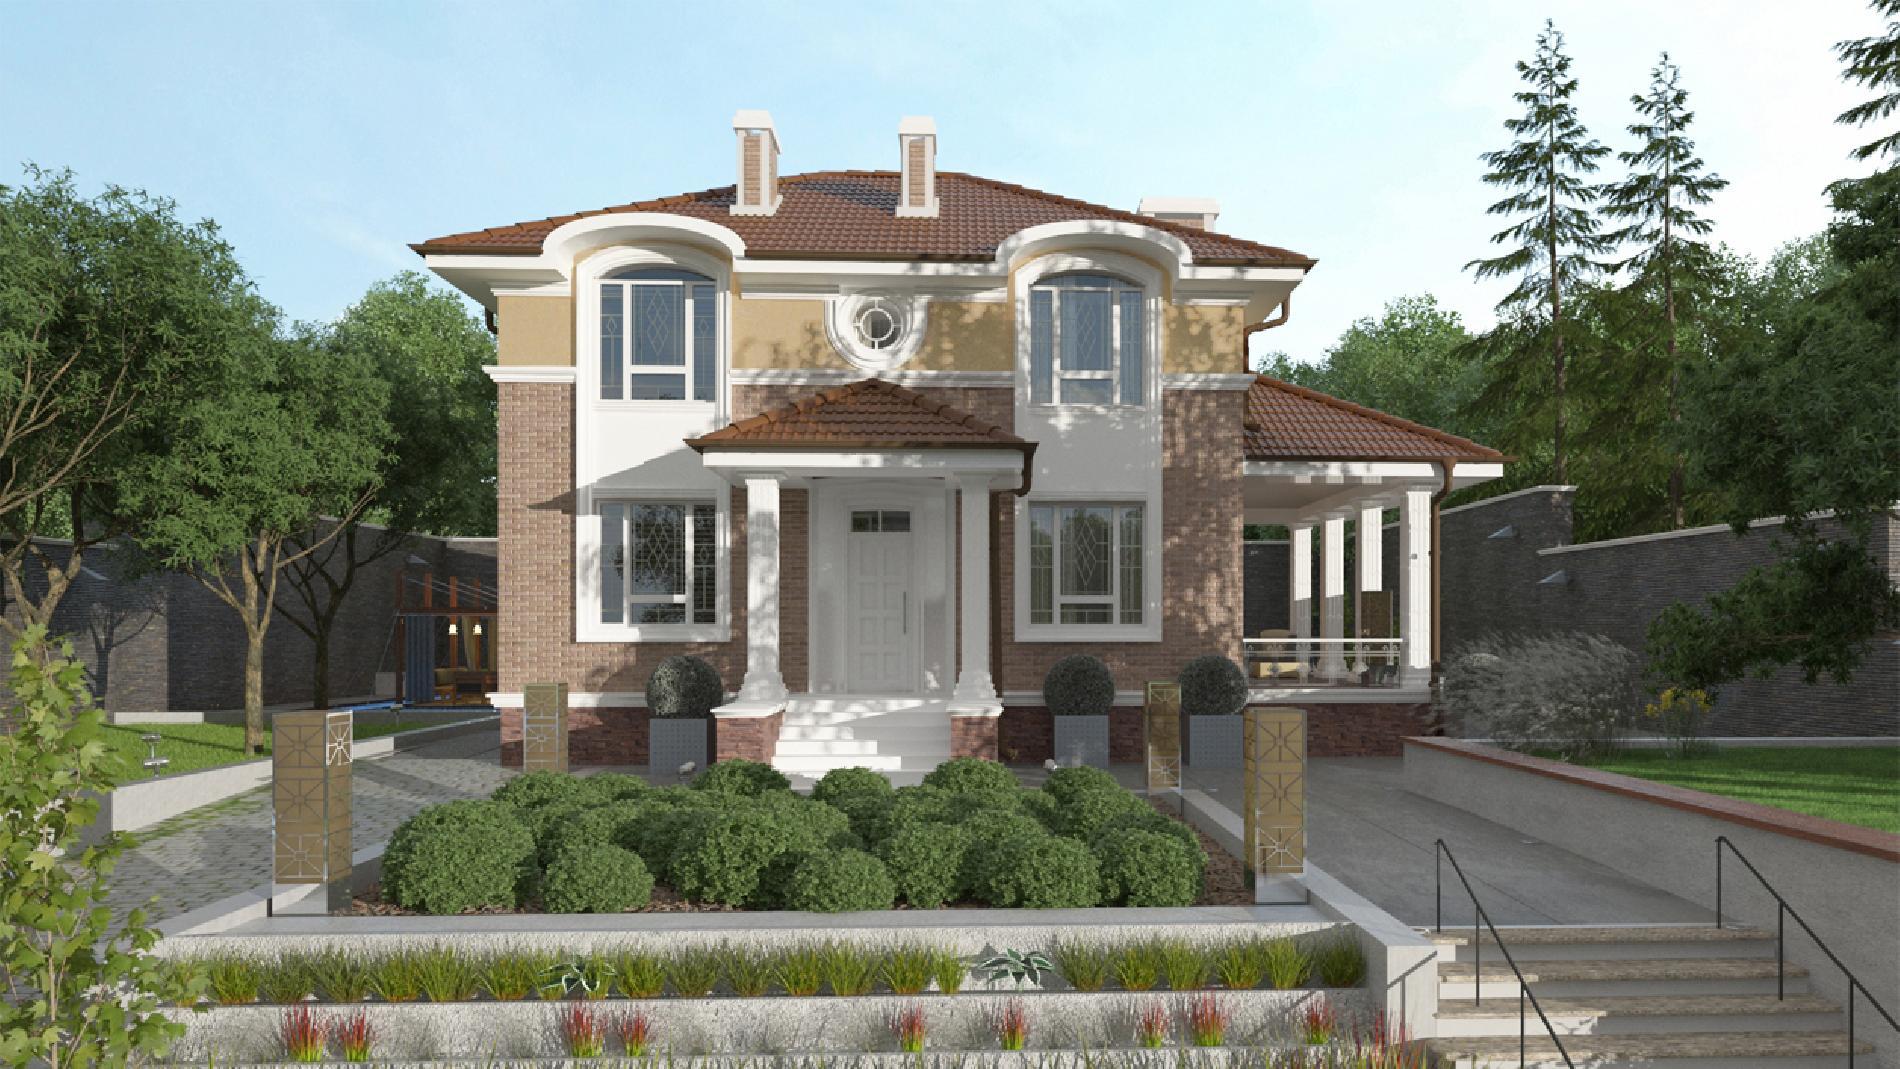 проект дома голицын с цокольным этажом